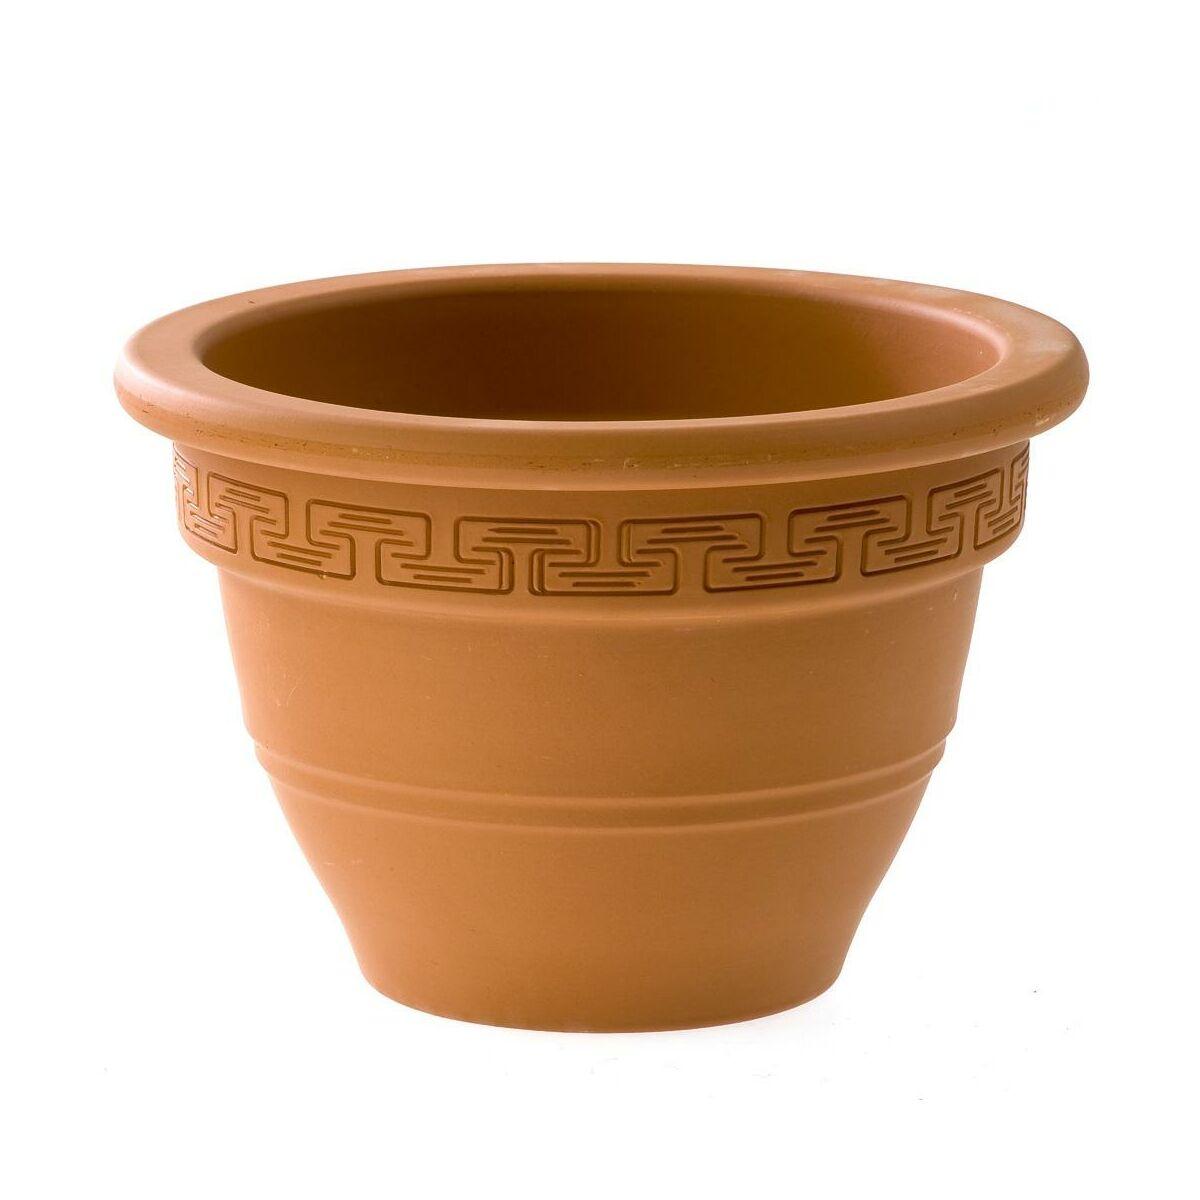 Donica gt campana cermax doniczki w atrakcyjnej cenie for Vasi in terracotta leroy merlin